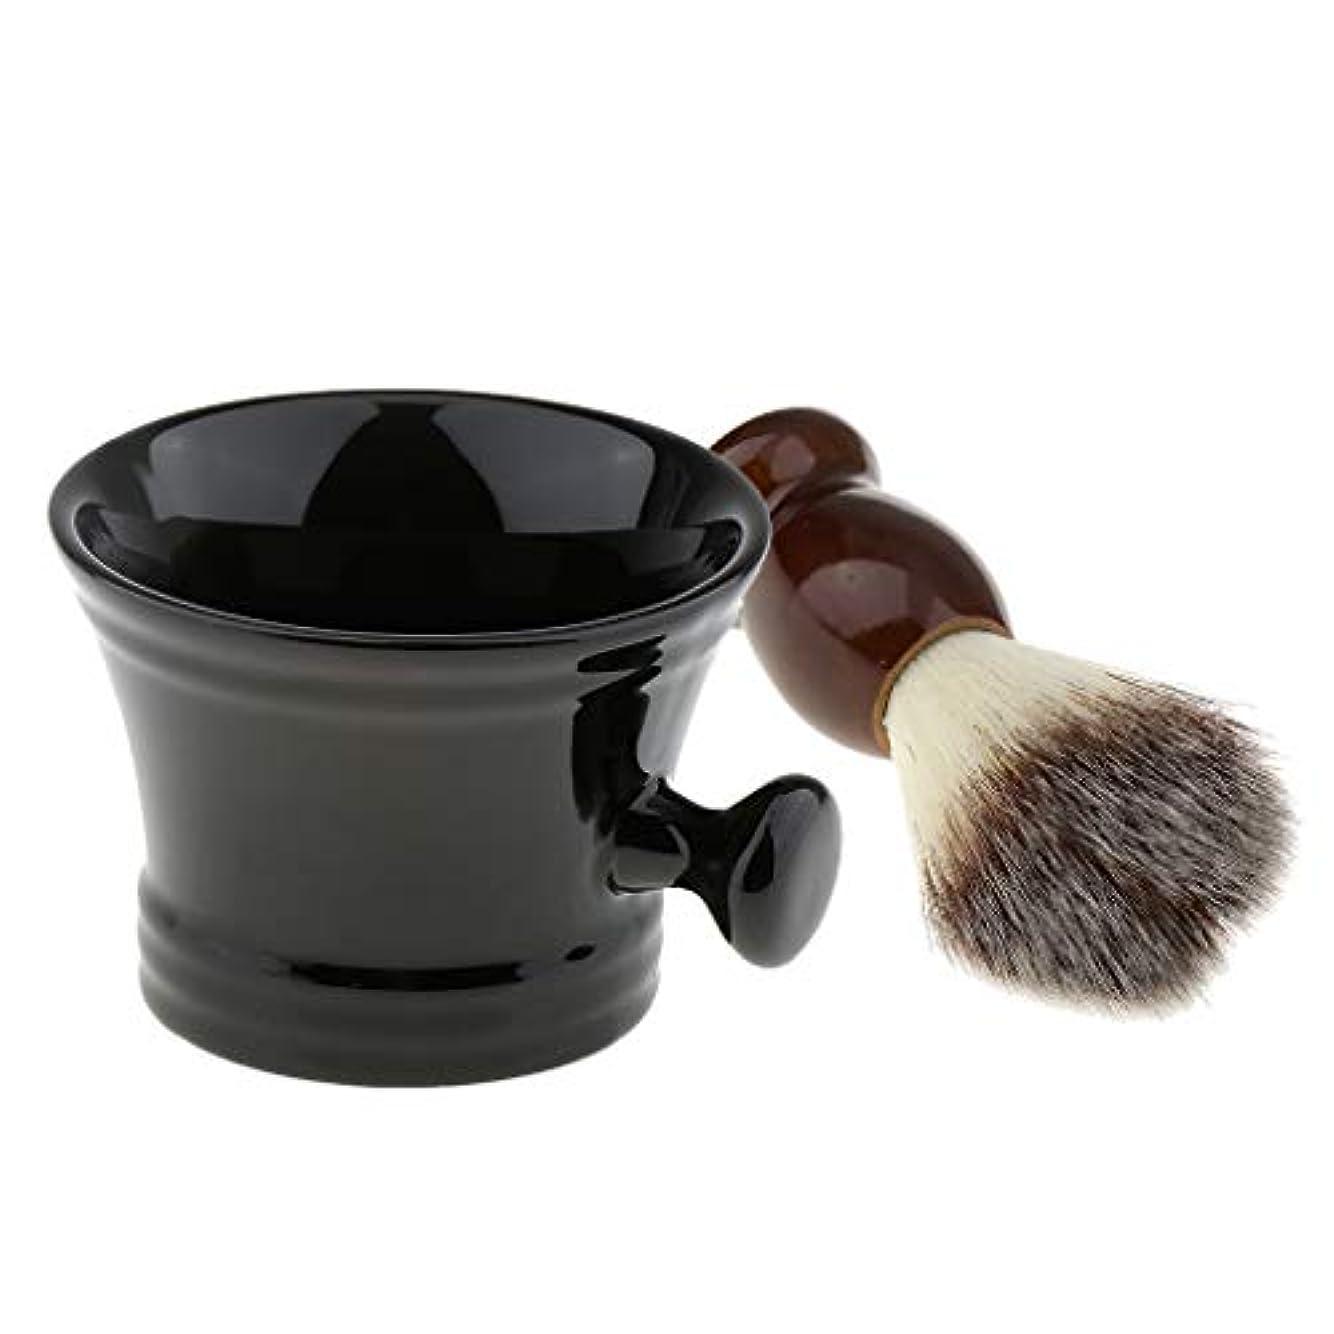 変装した遠近法平均シェービング用アクセサリー シェービングブラシ シェービングボウル 男性 理容 洗顔 髭剃りキット 2点